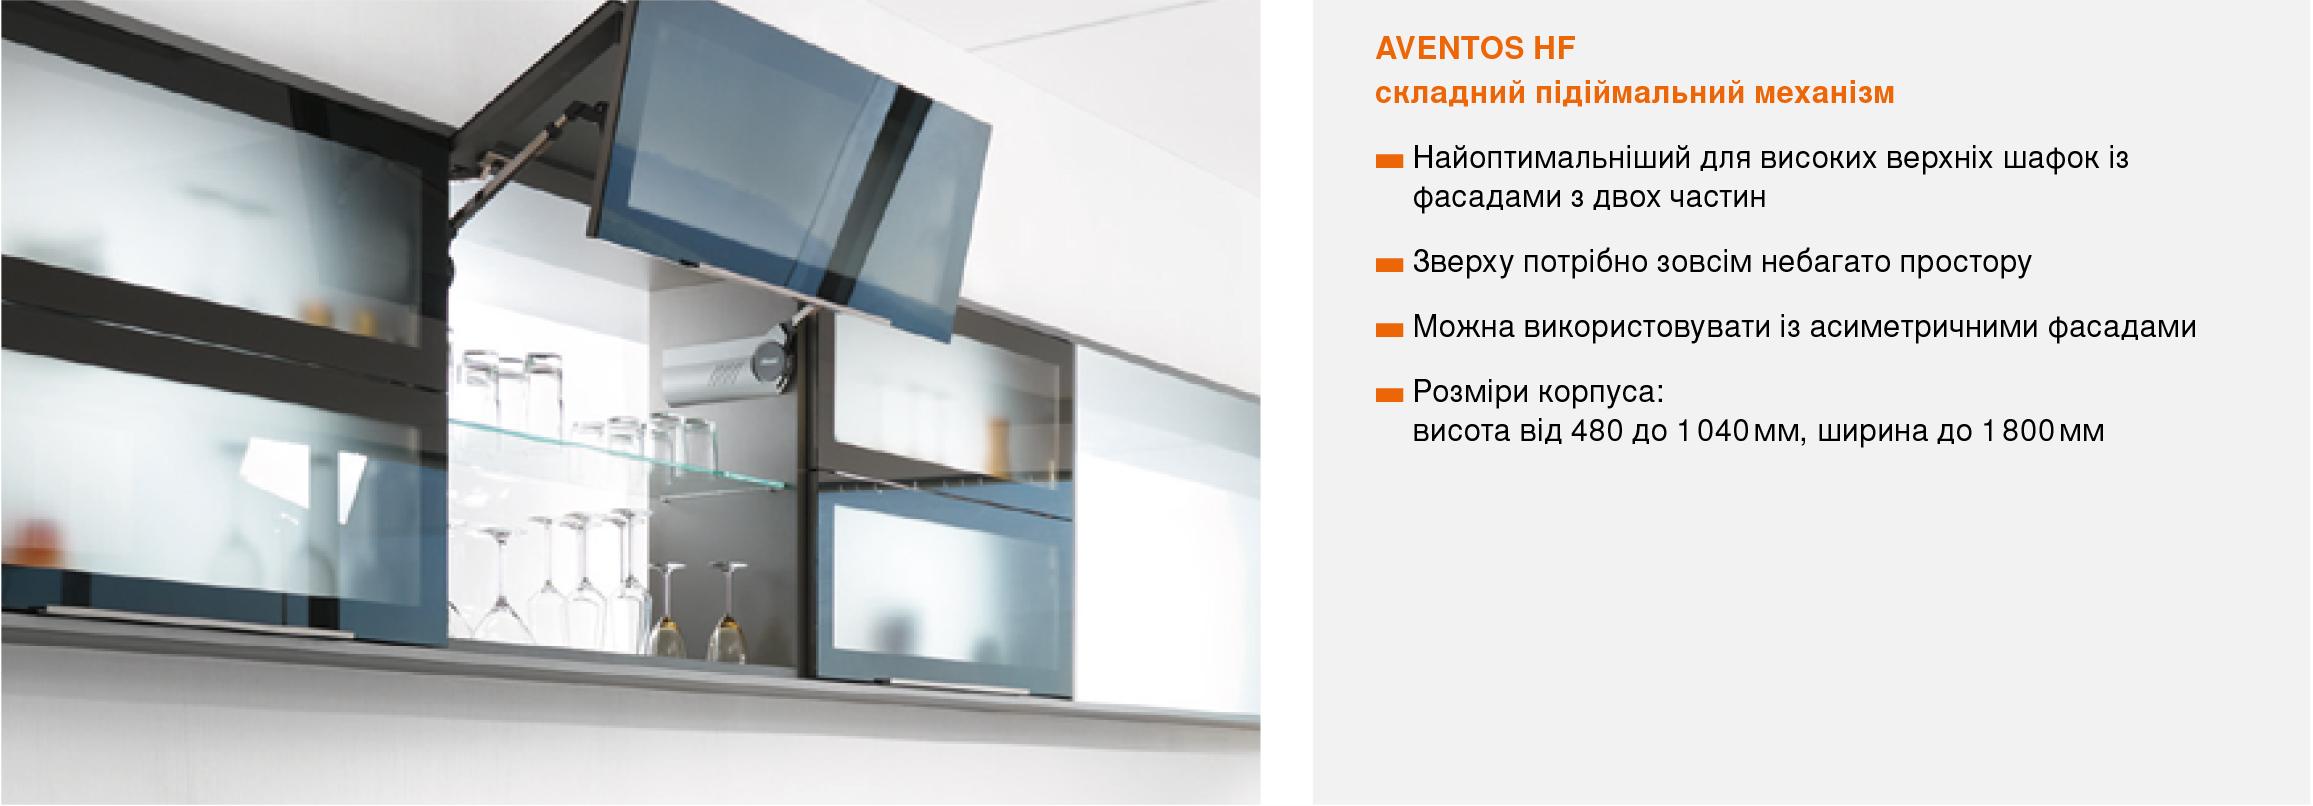 Подемный механизм AVENTOS HF для кухни Киев